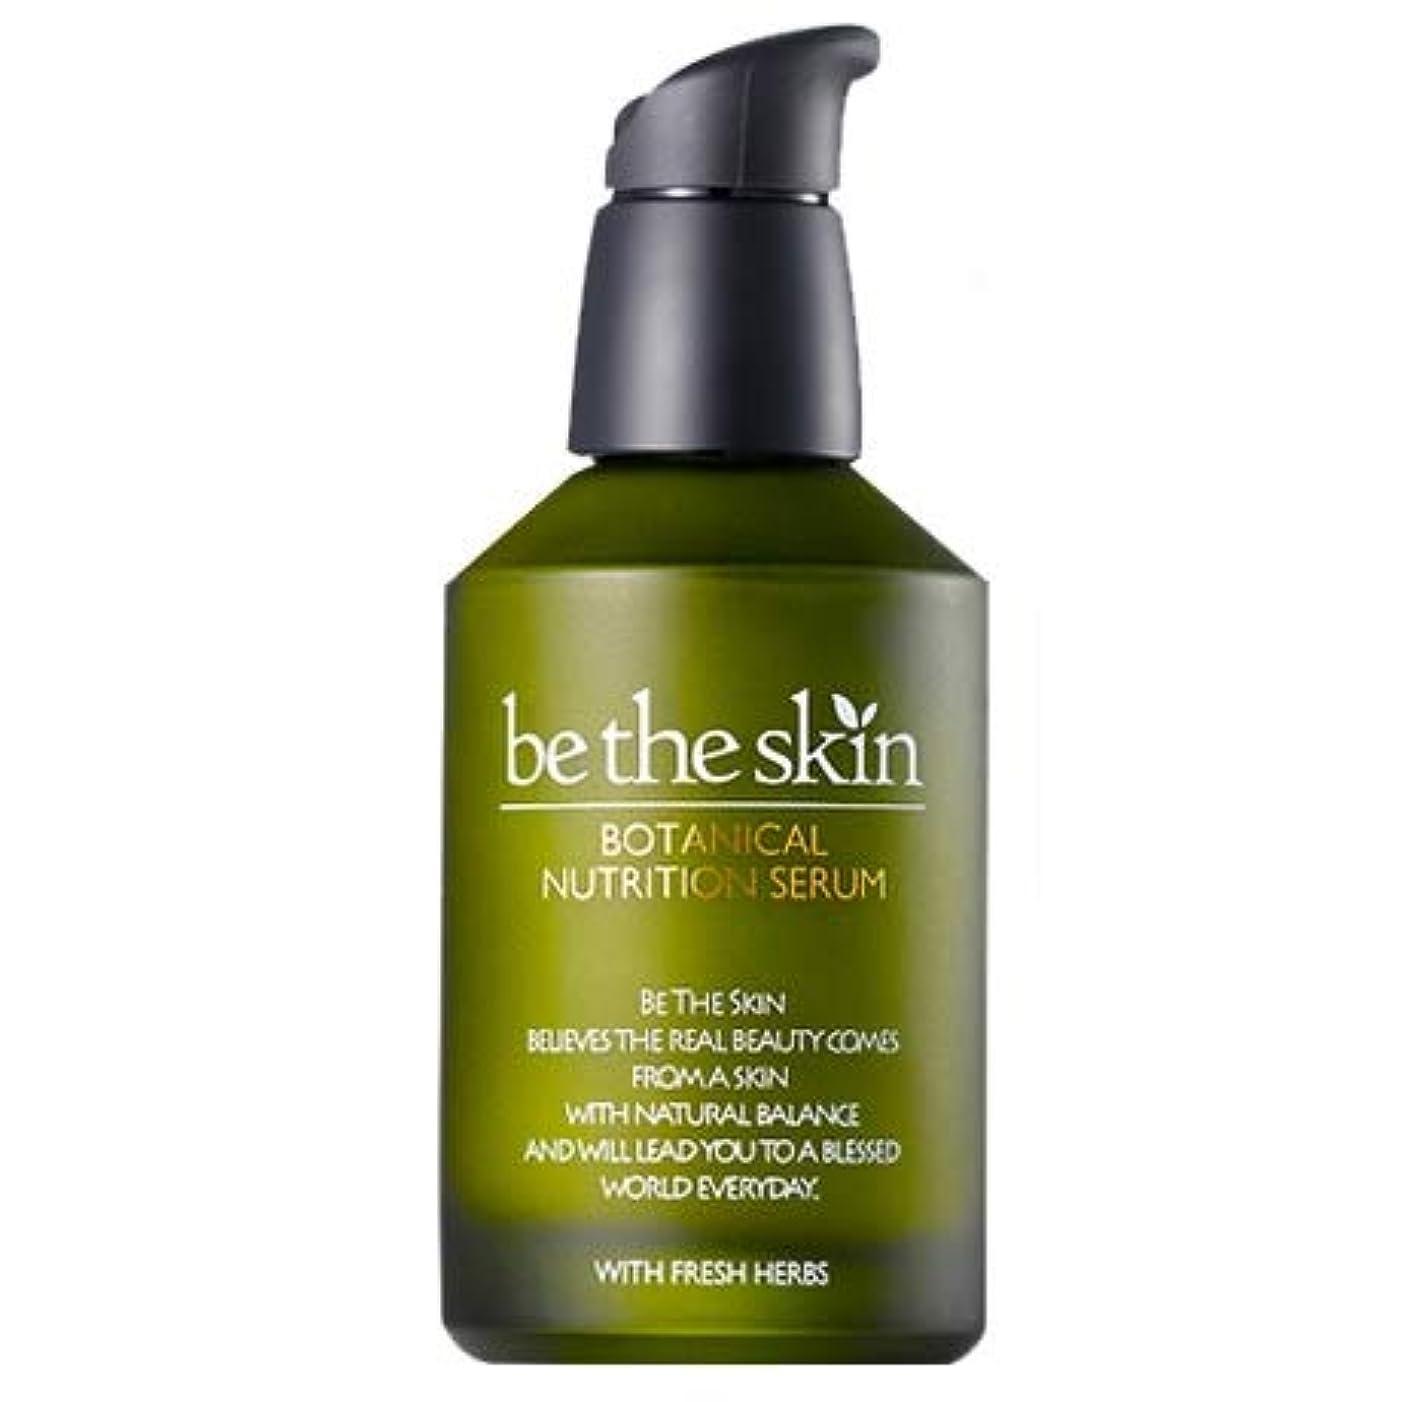 変形するキャッチ乱すbe the skin ボタニカル ニュートリション セラム / Botanical Nutrition Serum (50ml) [並行輸入品]